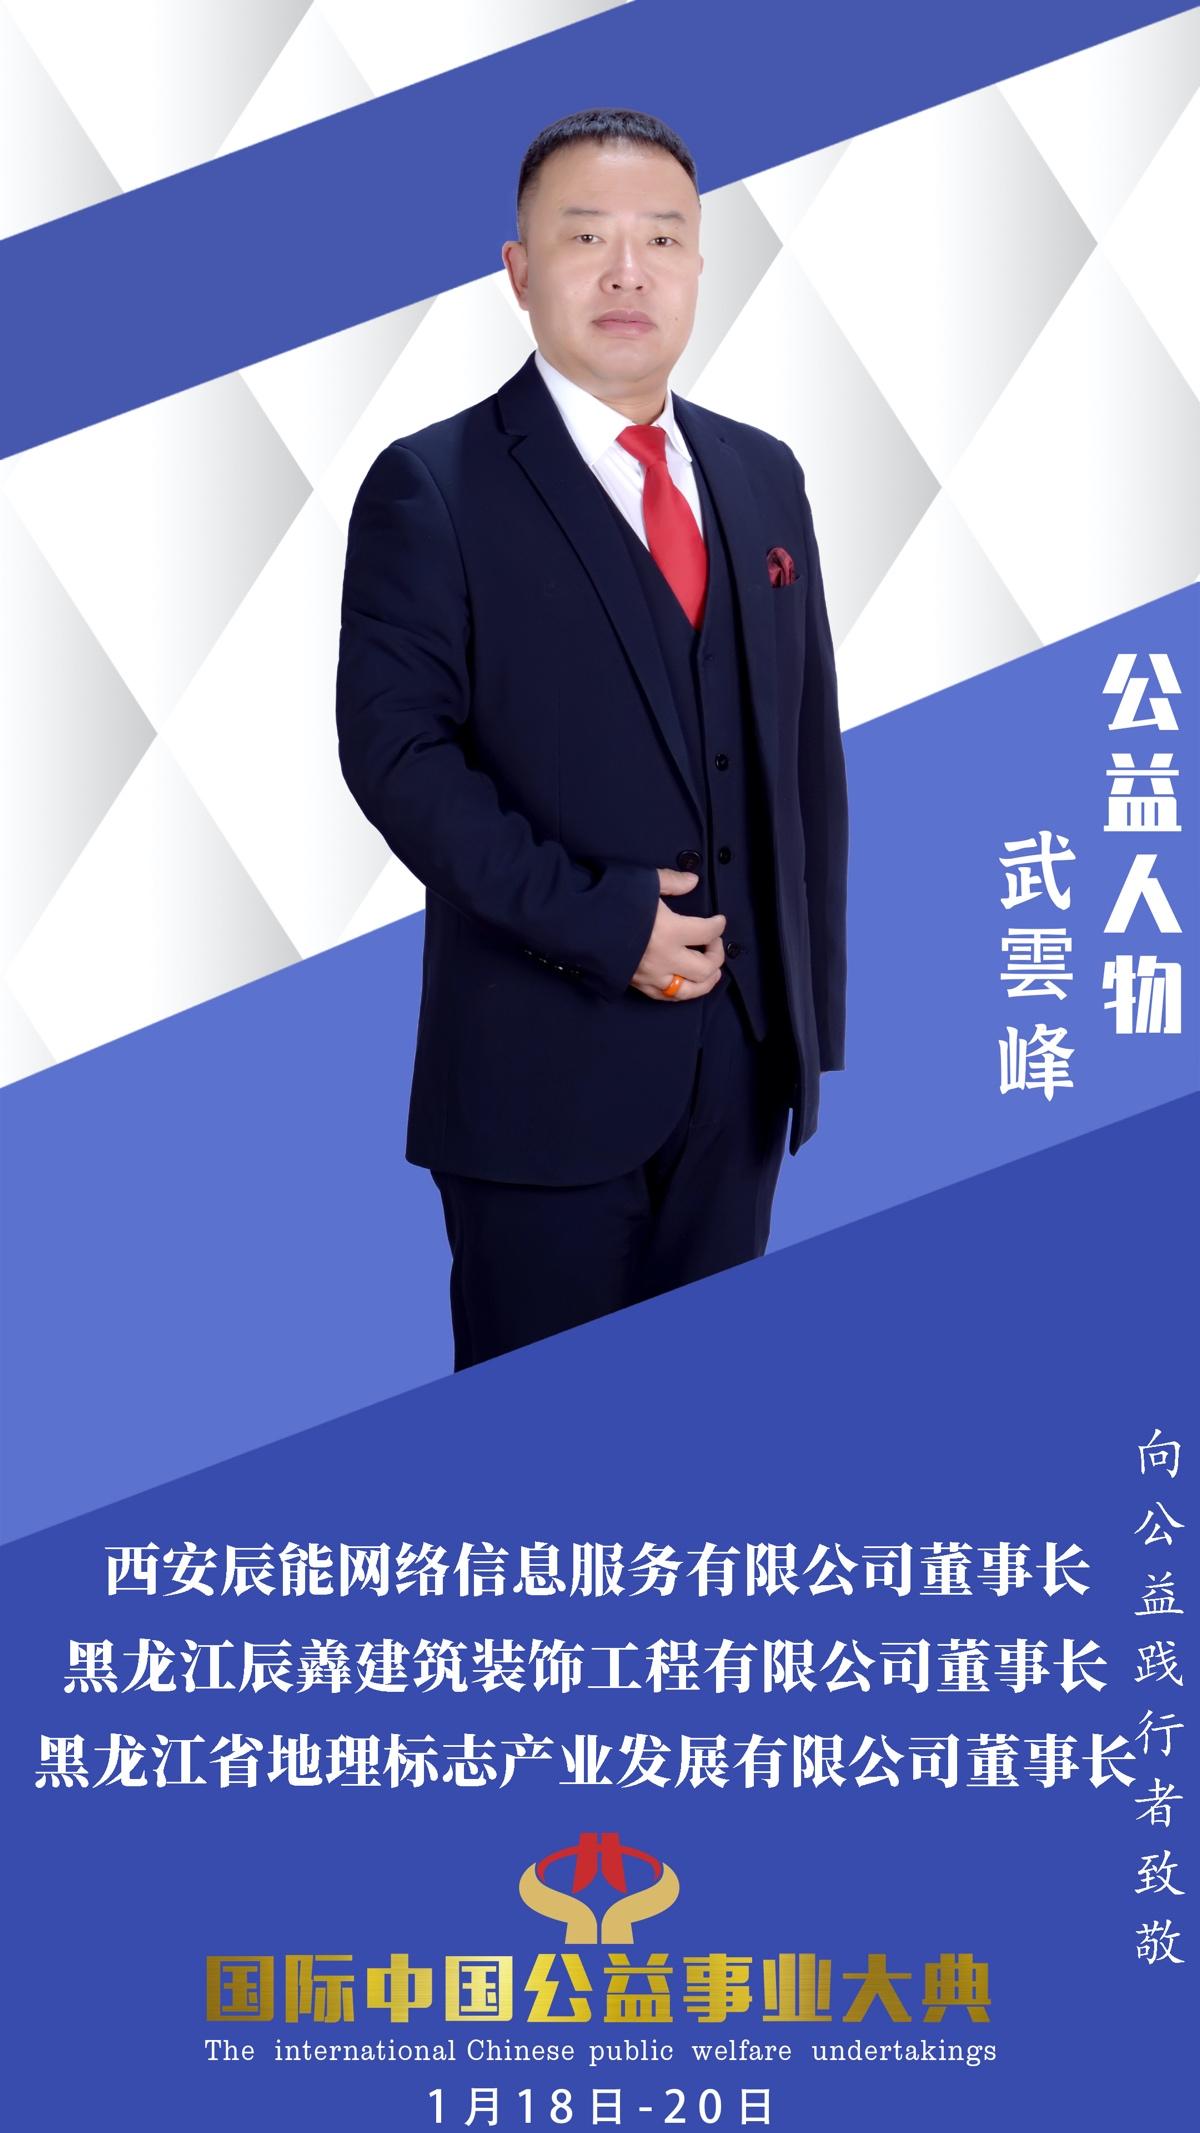 武雲峰应邀出席2021国际中国公益事业大典